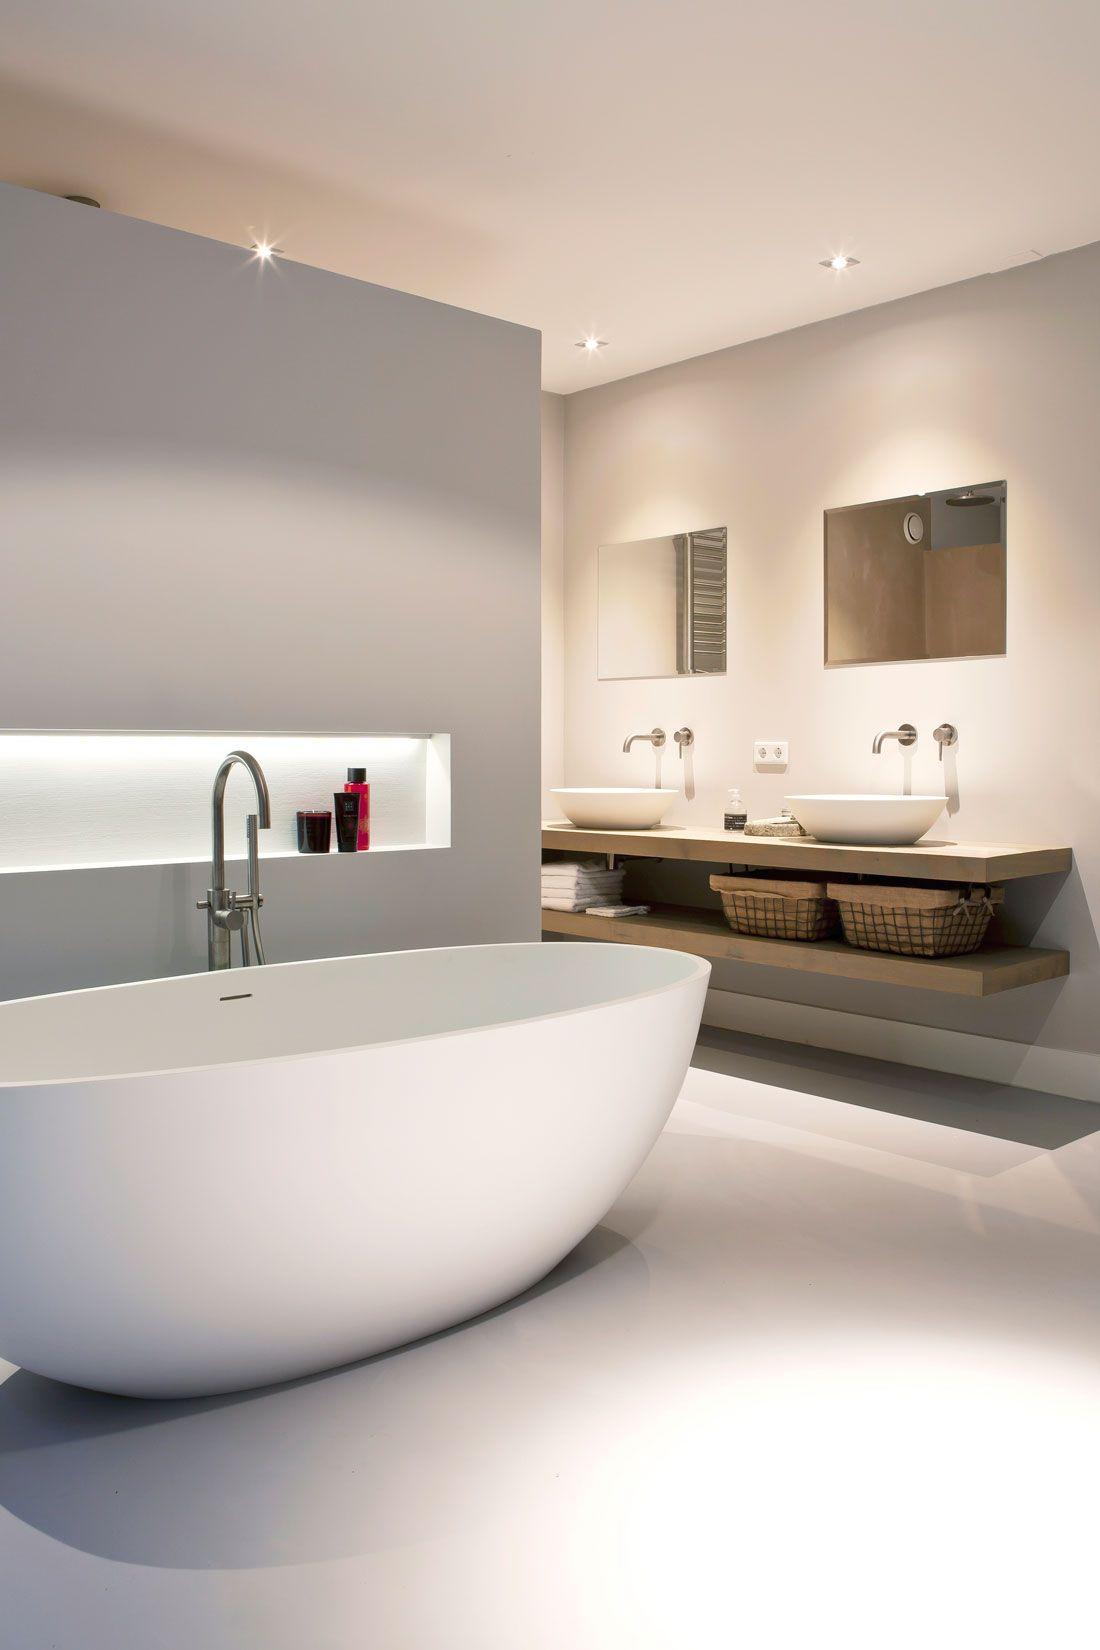 aufteilung badezimmer haus 1 pinterest badezimmer bad und zeitgen ssische badezimmer. Black Bedroom Furniture Sets. Home Design Ideas